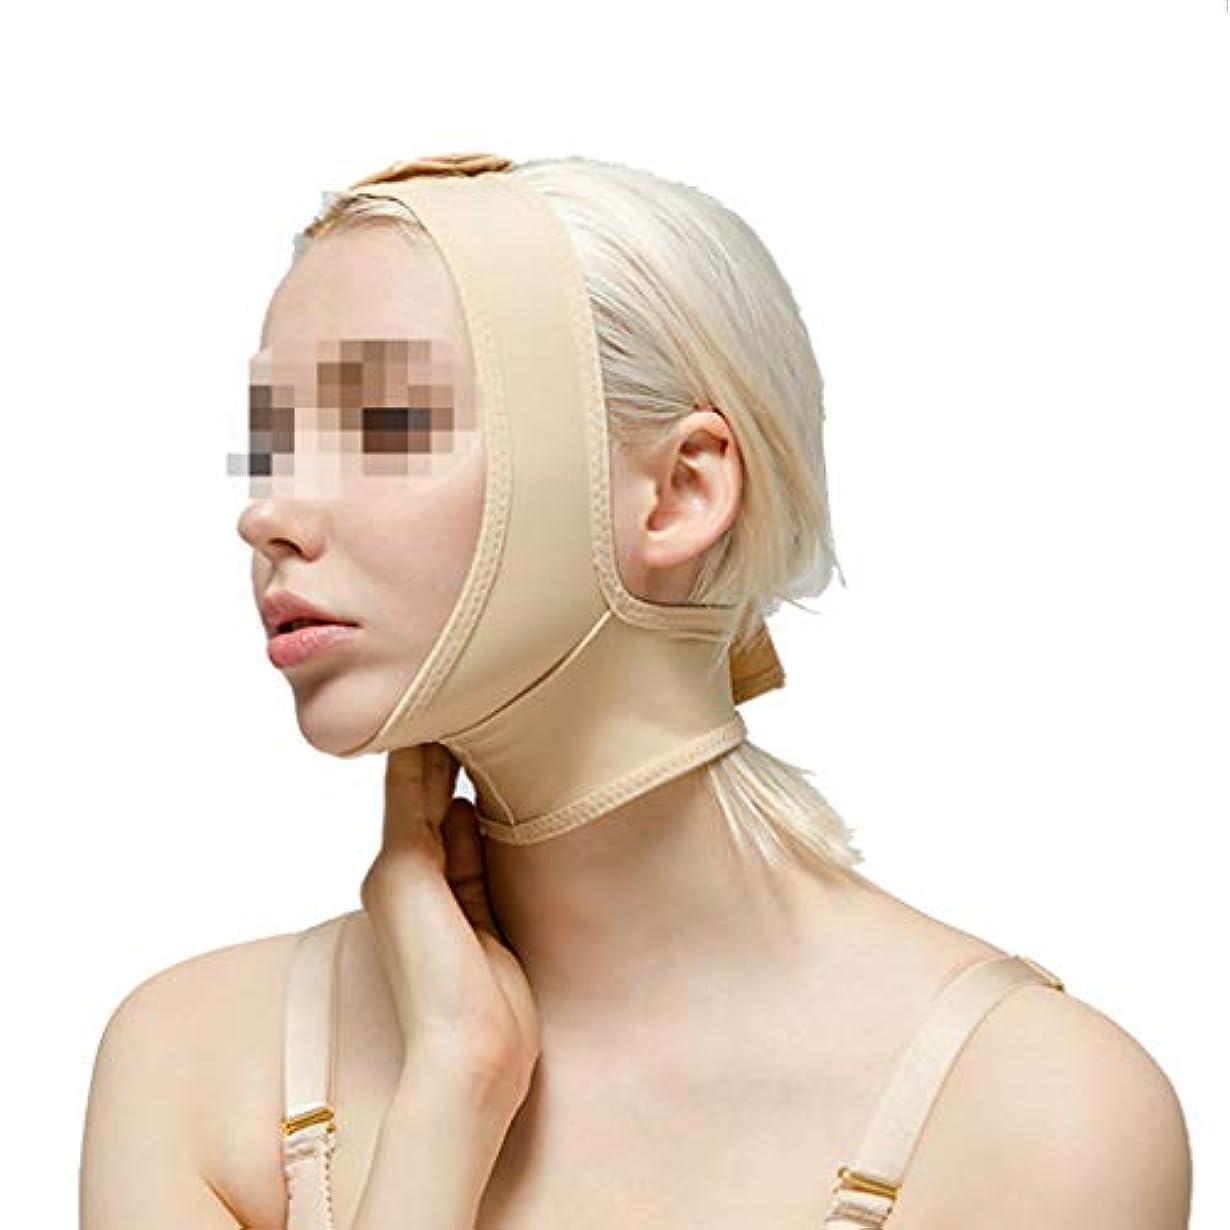 操縦するスパン侵略XHLMRMJ 術後の弾性スリーブ、下顎の束フェイス包帯フェイシャルビームダブルチンシンフェイスマスクマルチサイズオプション (Size : XXL)